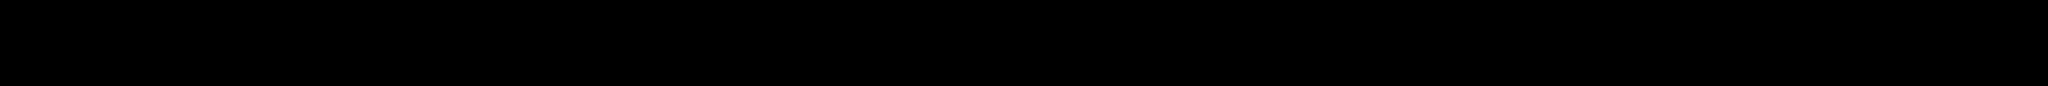 PIONEER Aktiv baslåda